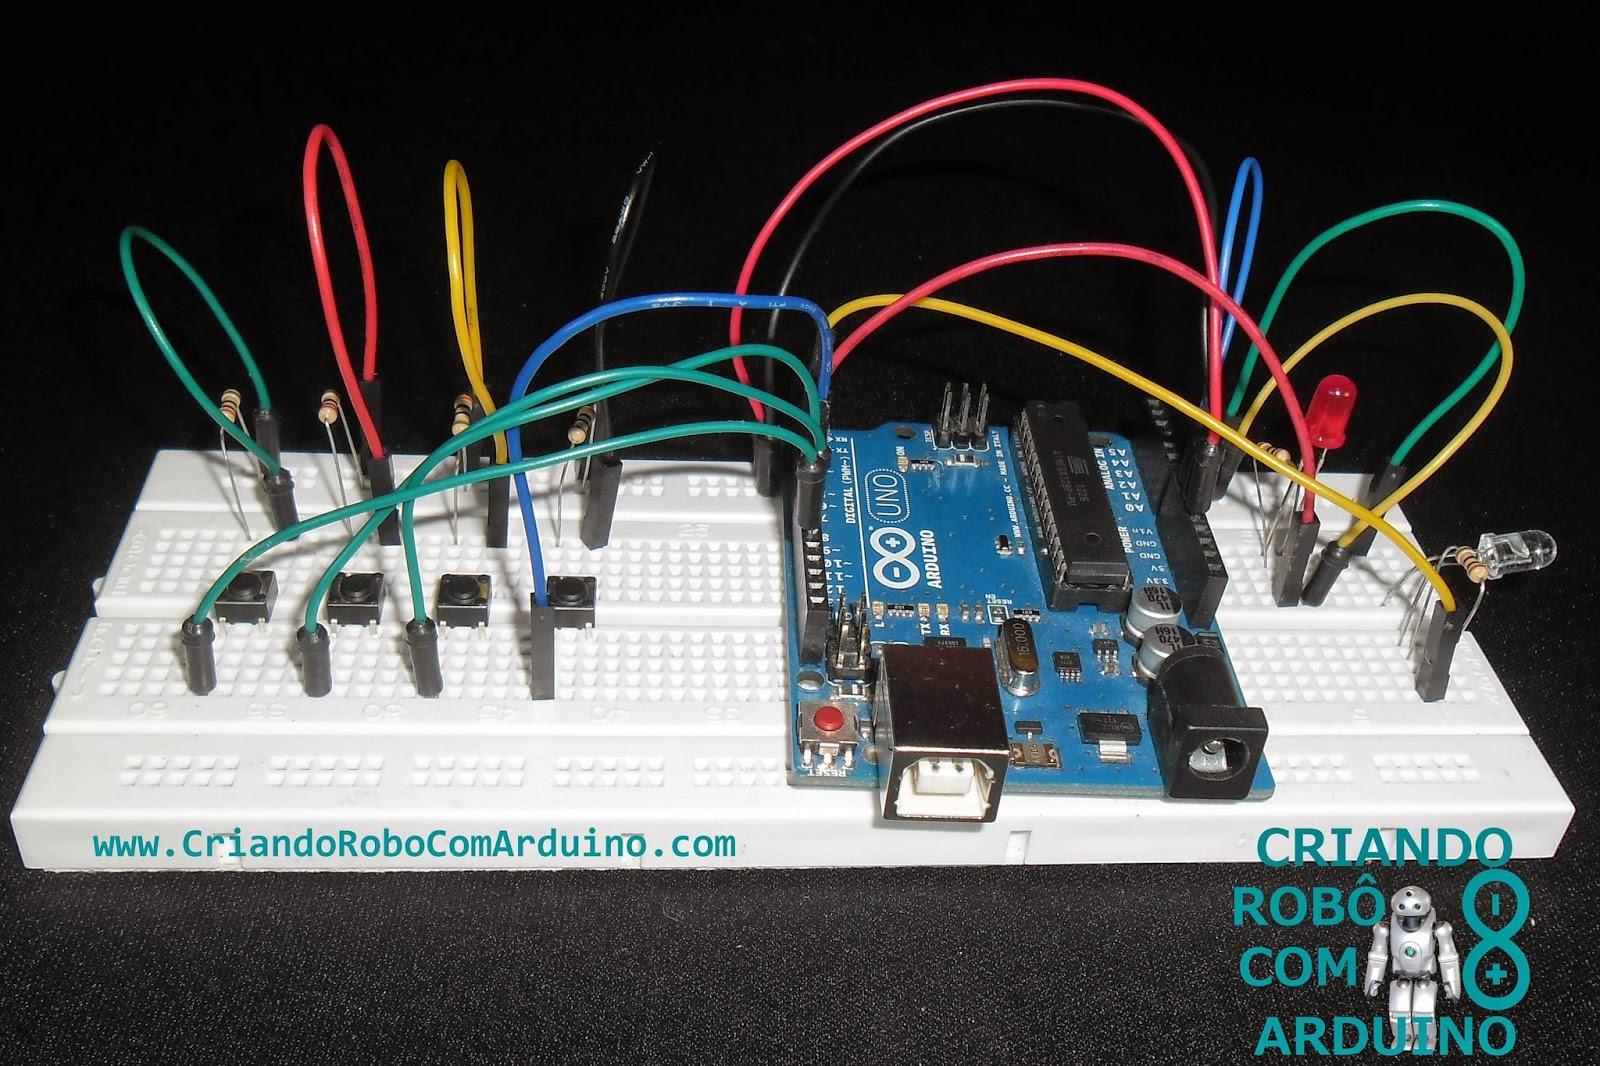 Criando robô com arduíno como fazer um controle remoto